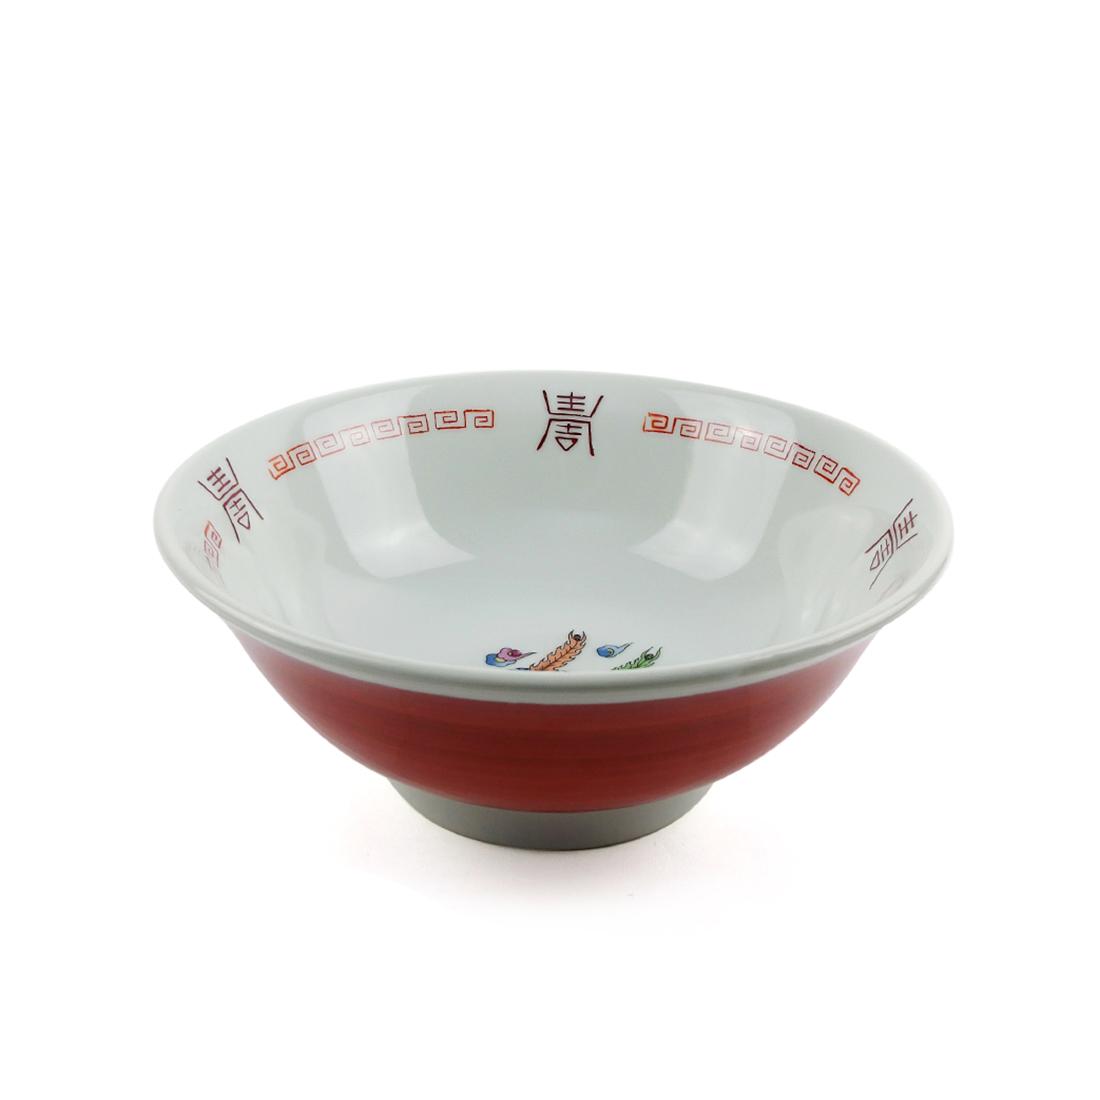 Tô Sứ Phụng Đỏ - Trung Quốc - 21 x 8 cm - 44107